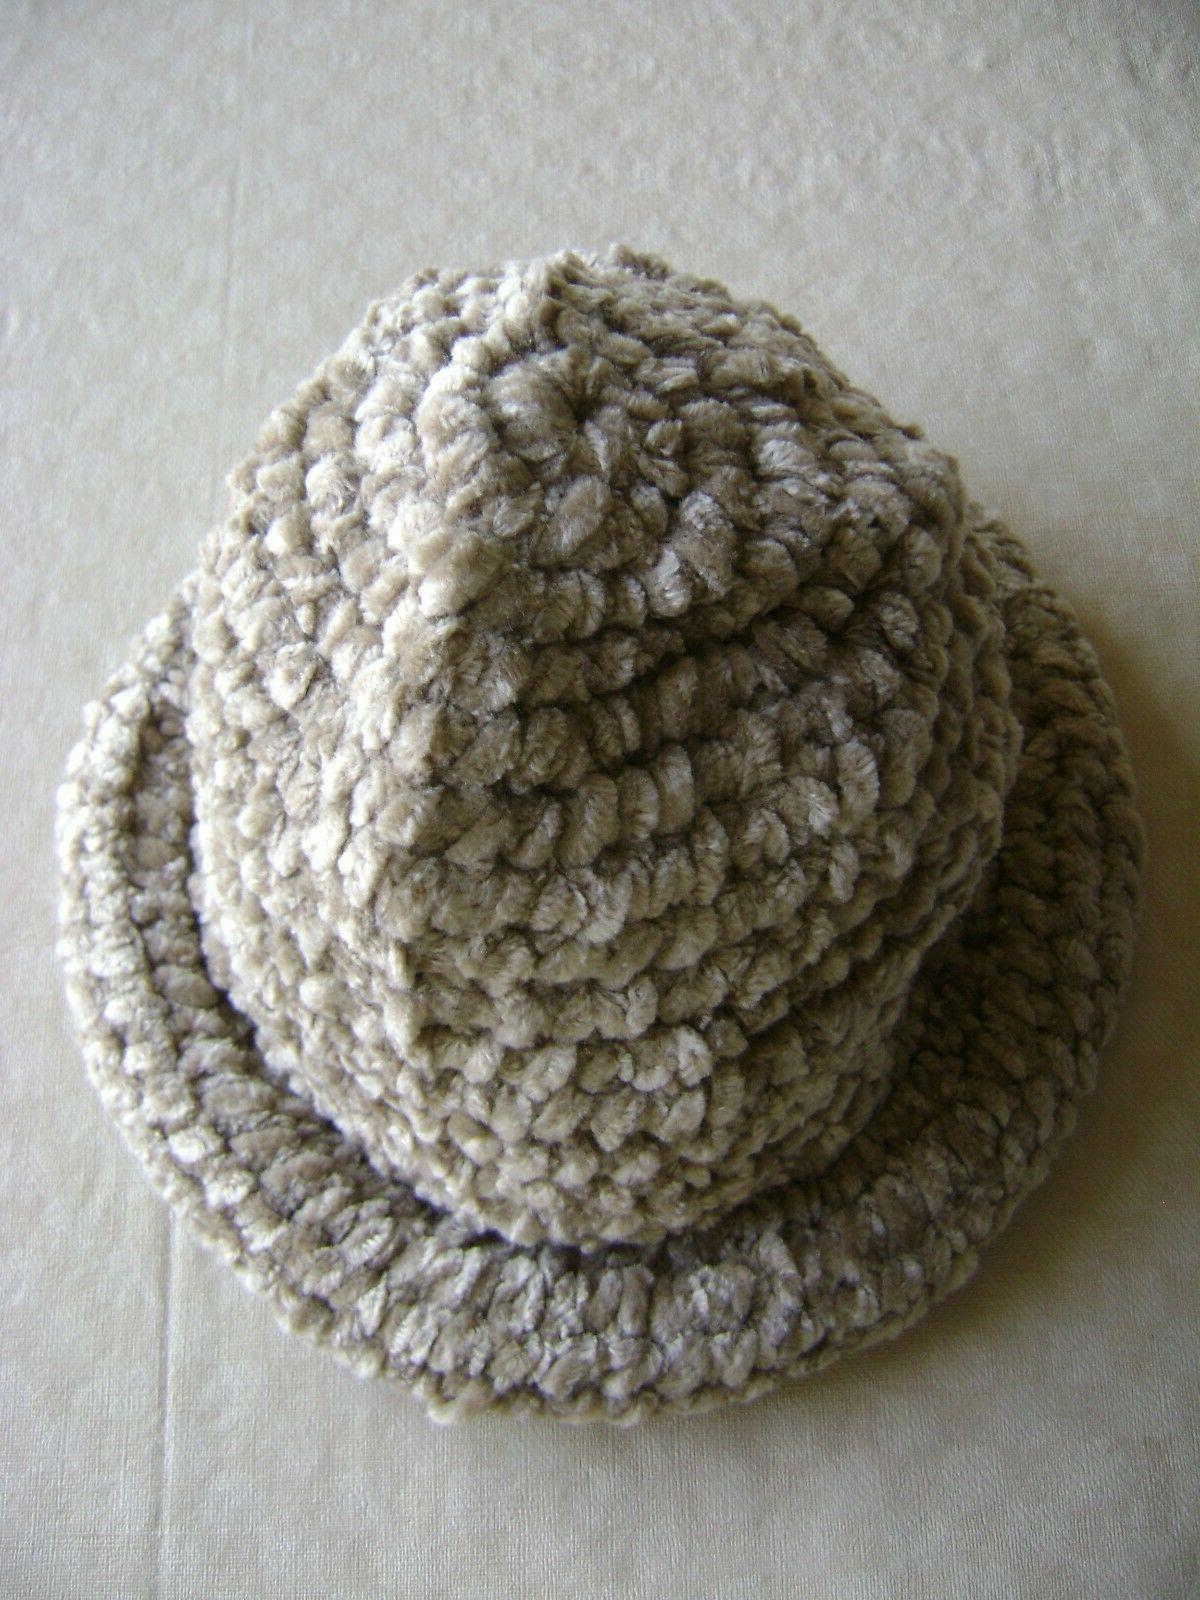 NEW WOMEN'S BUCKET ROLL HATS CAPS